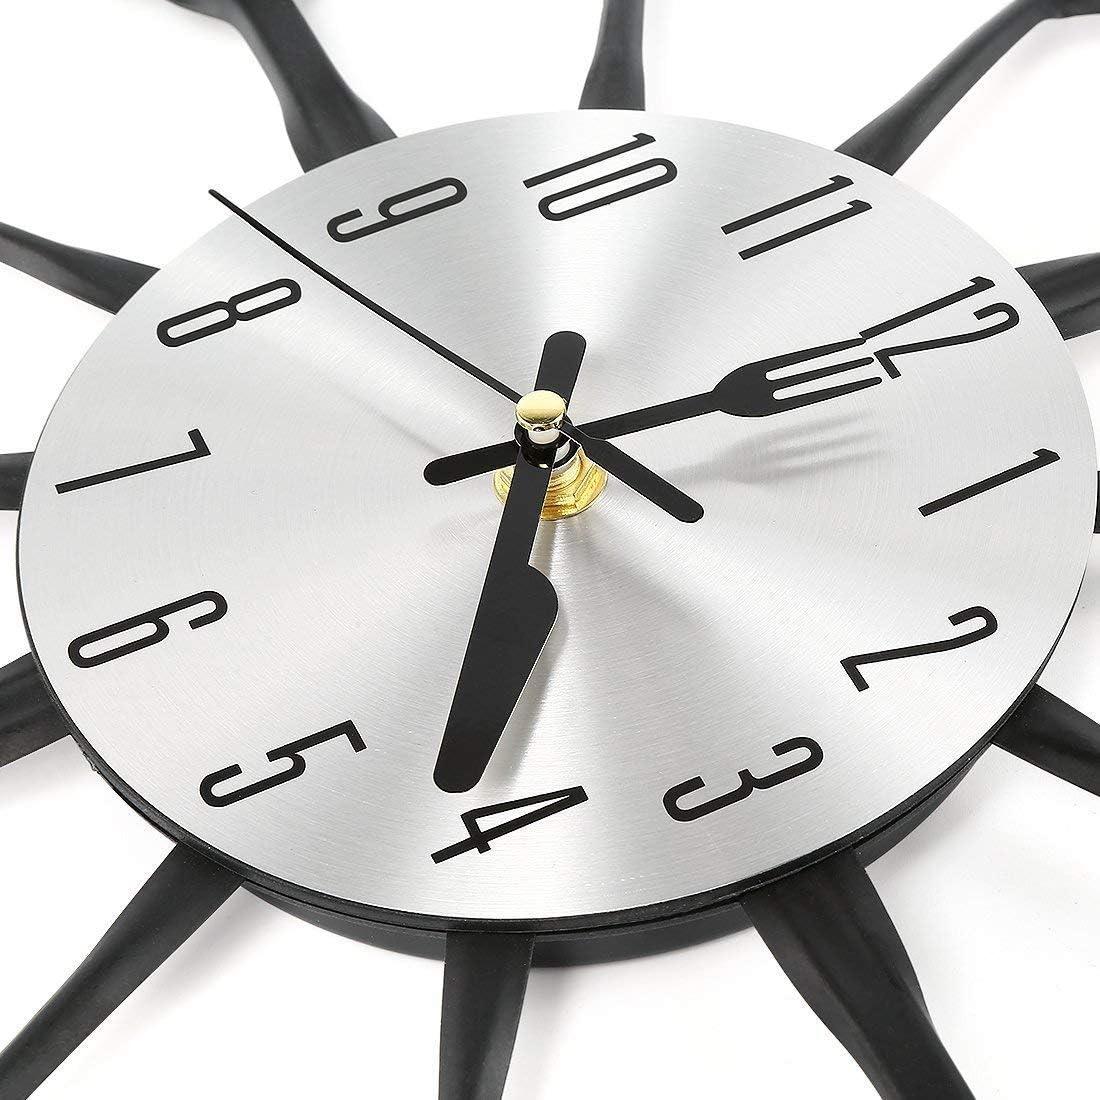 Horloge Pendule Murale en D/ésign M/étal Silensieuse Style Moderne D/écoration pour Salon Chambre 32.5 cm de diam/ètre, Noir Salle LVPY Horloge Murale